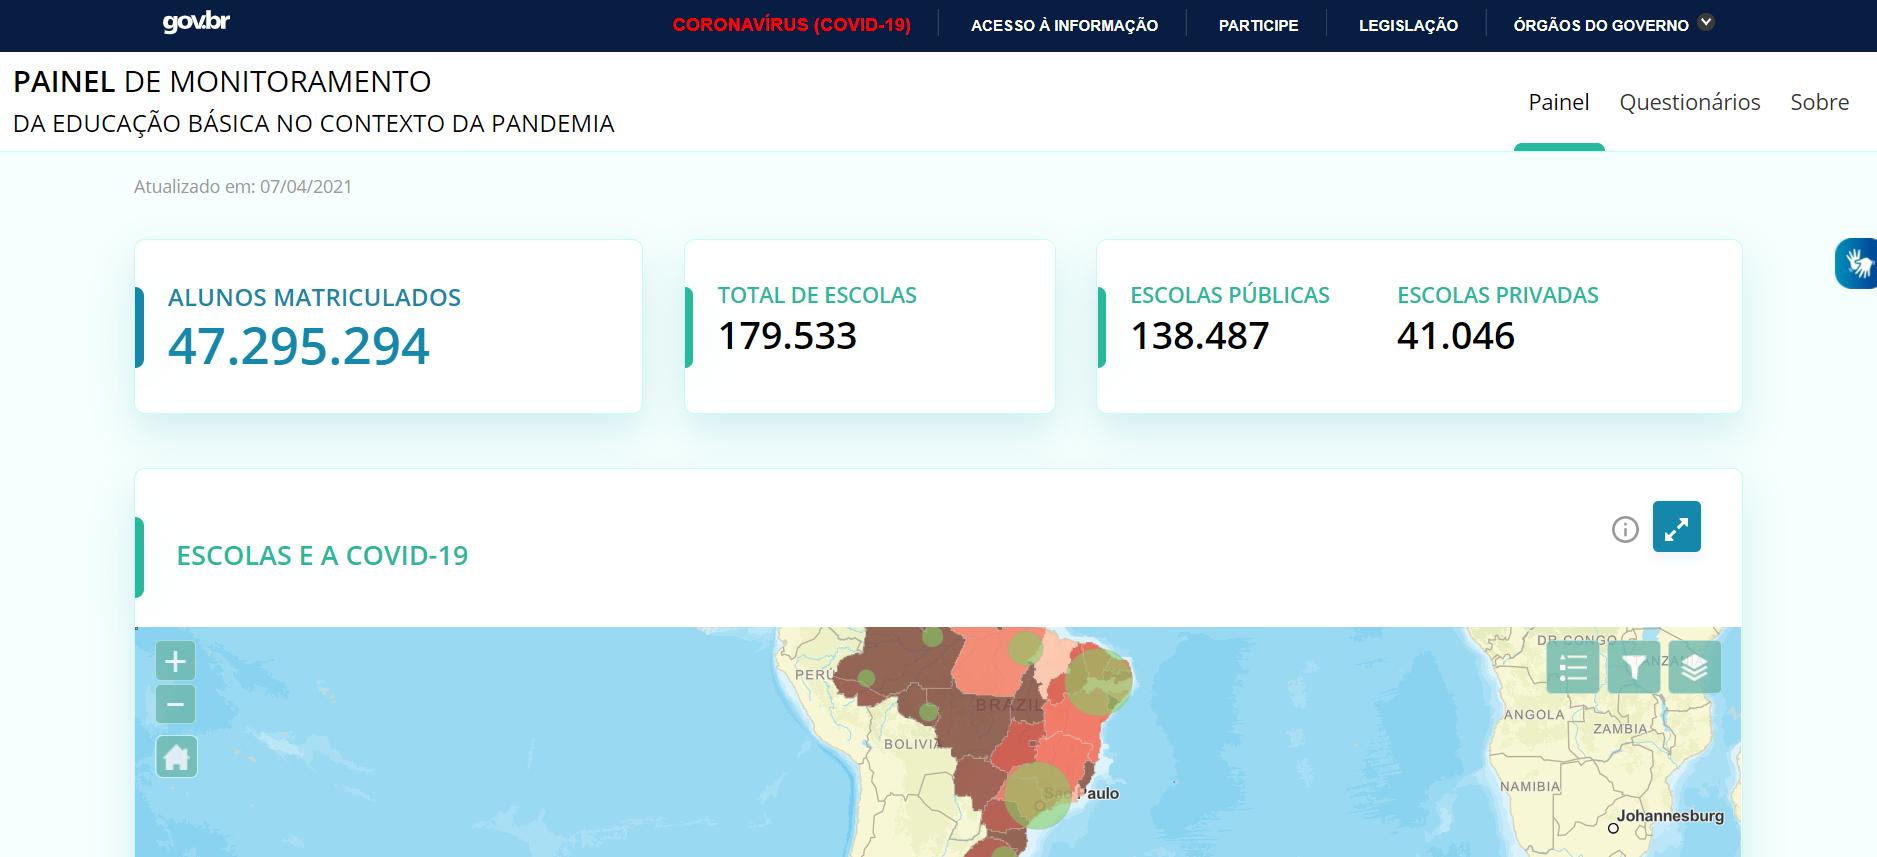 MEC lança Painel de Monitoramento da Educação Básica no Contexto da Pandemia